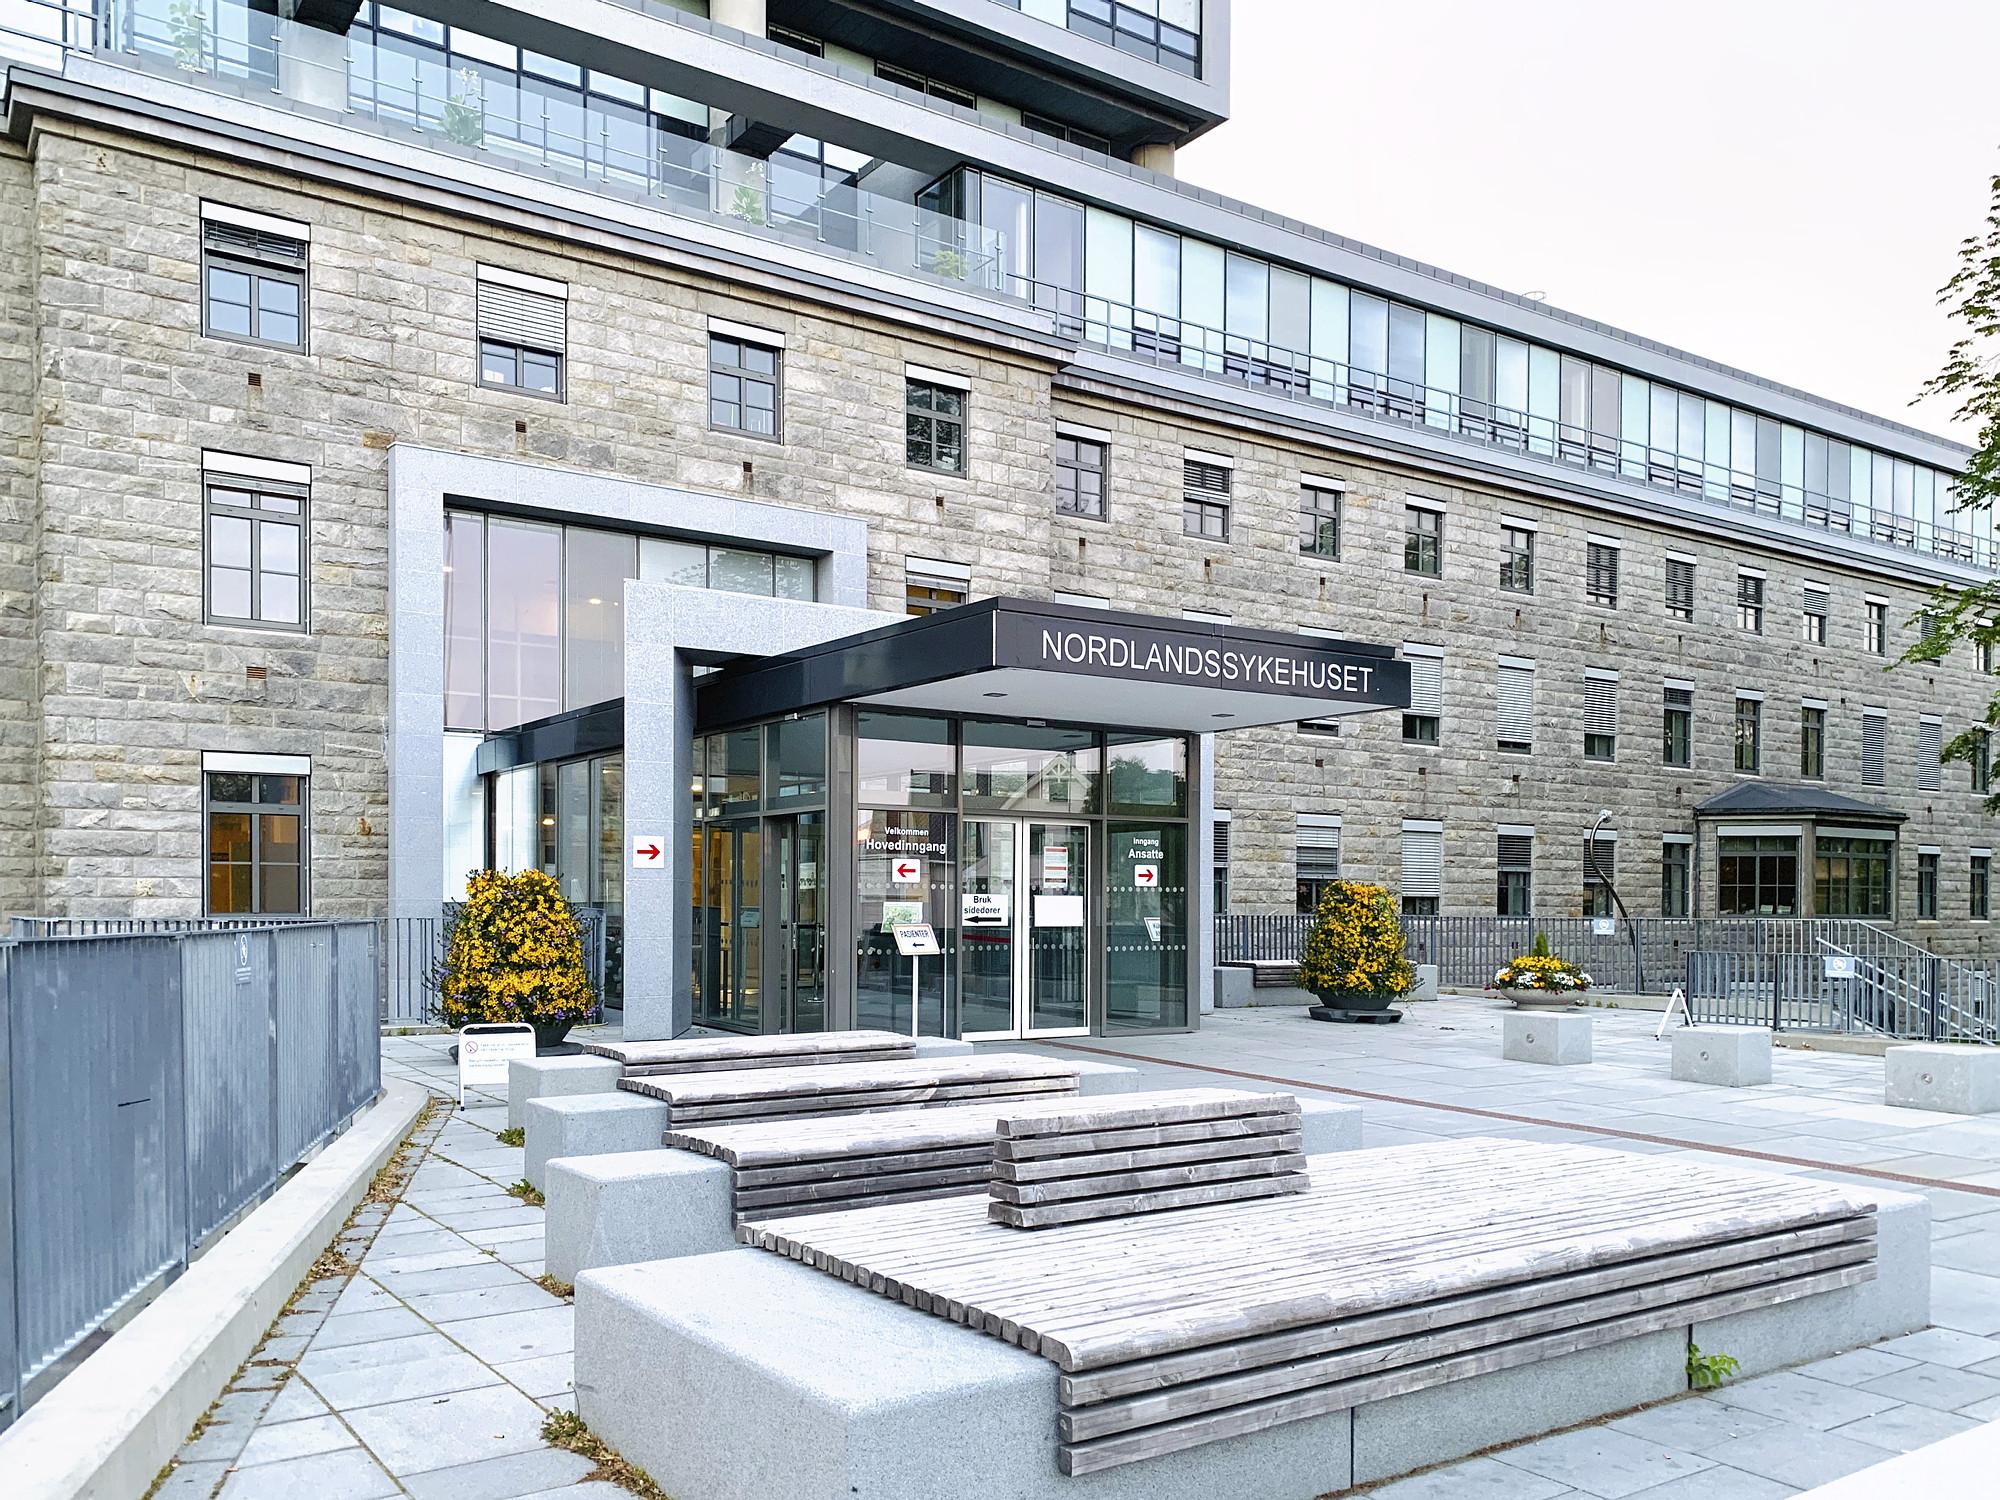 Nordlandssykehuset er i likhet med alle sykehus i Norge miljøsertifisert som følge av myndighetenes krav om innføring av et miljøstyringssystem. (Foto: Nordlandssykehuset)